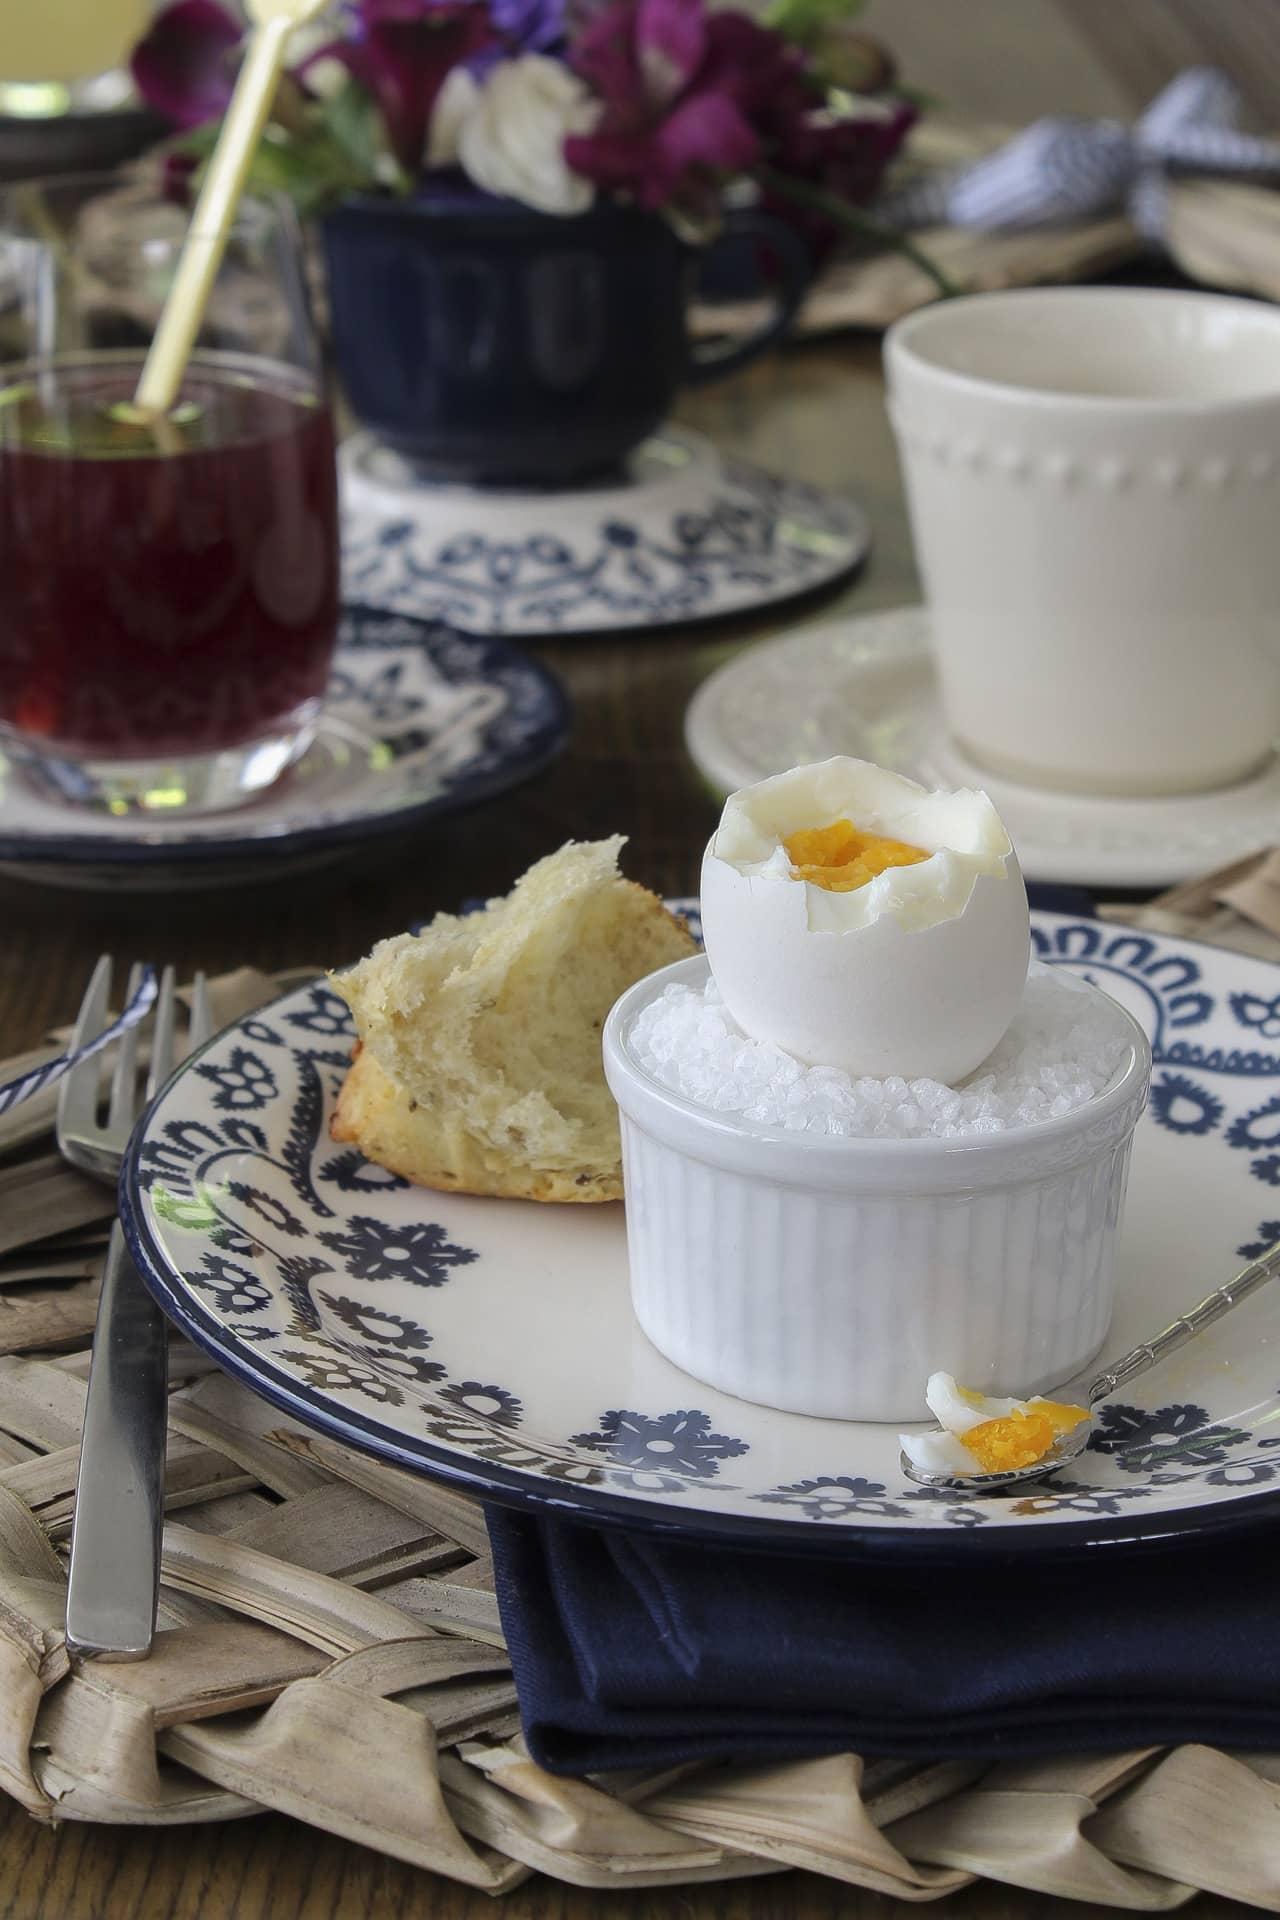 Imagem: Para servir ovo quente, use um ramequin. É só enchê-lo com sal grosso, cavar um pequeno buraco no centro e ele se transforma num porta-ovo. Você encontra ramequin de várias cores e tamanhos no site da Oxford Porcelanas. Foto: Cacá Bratke